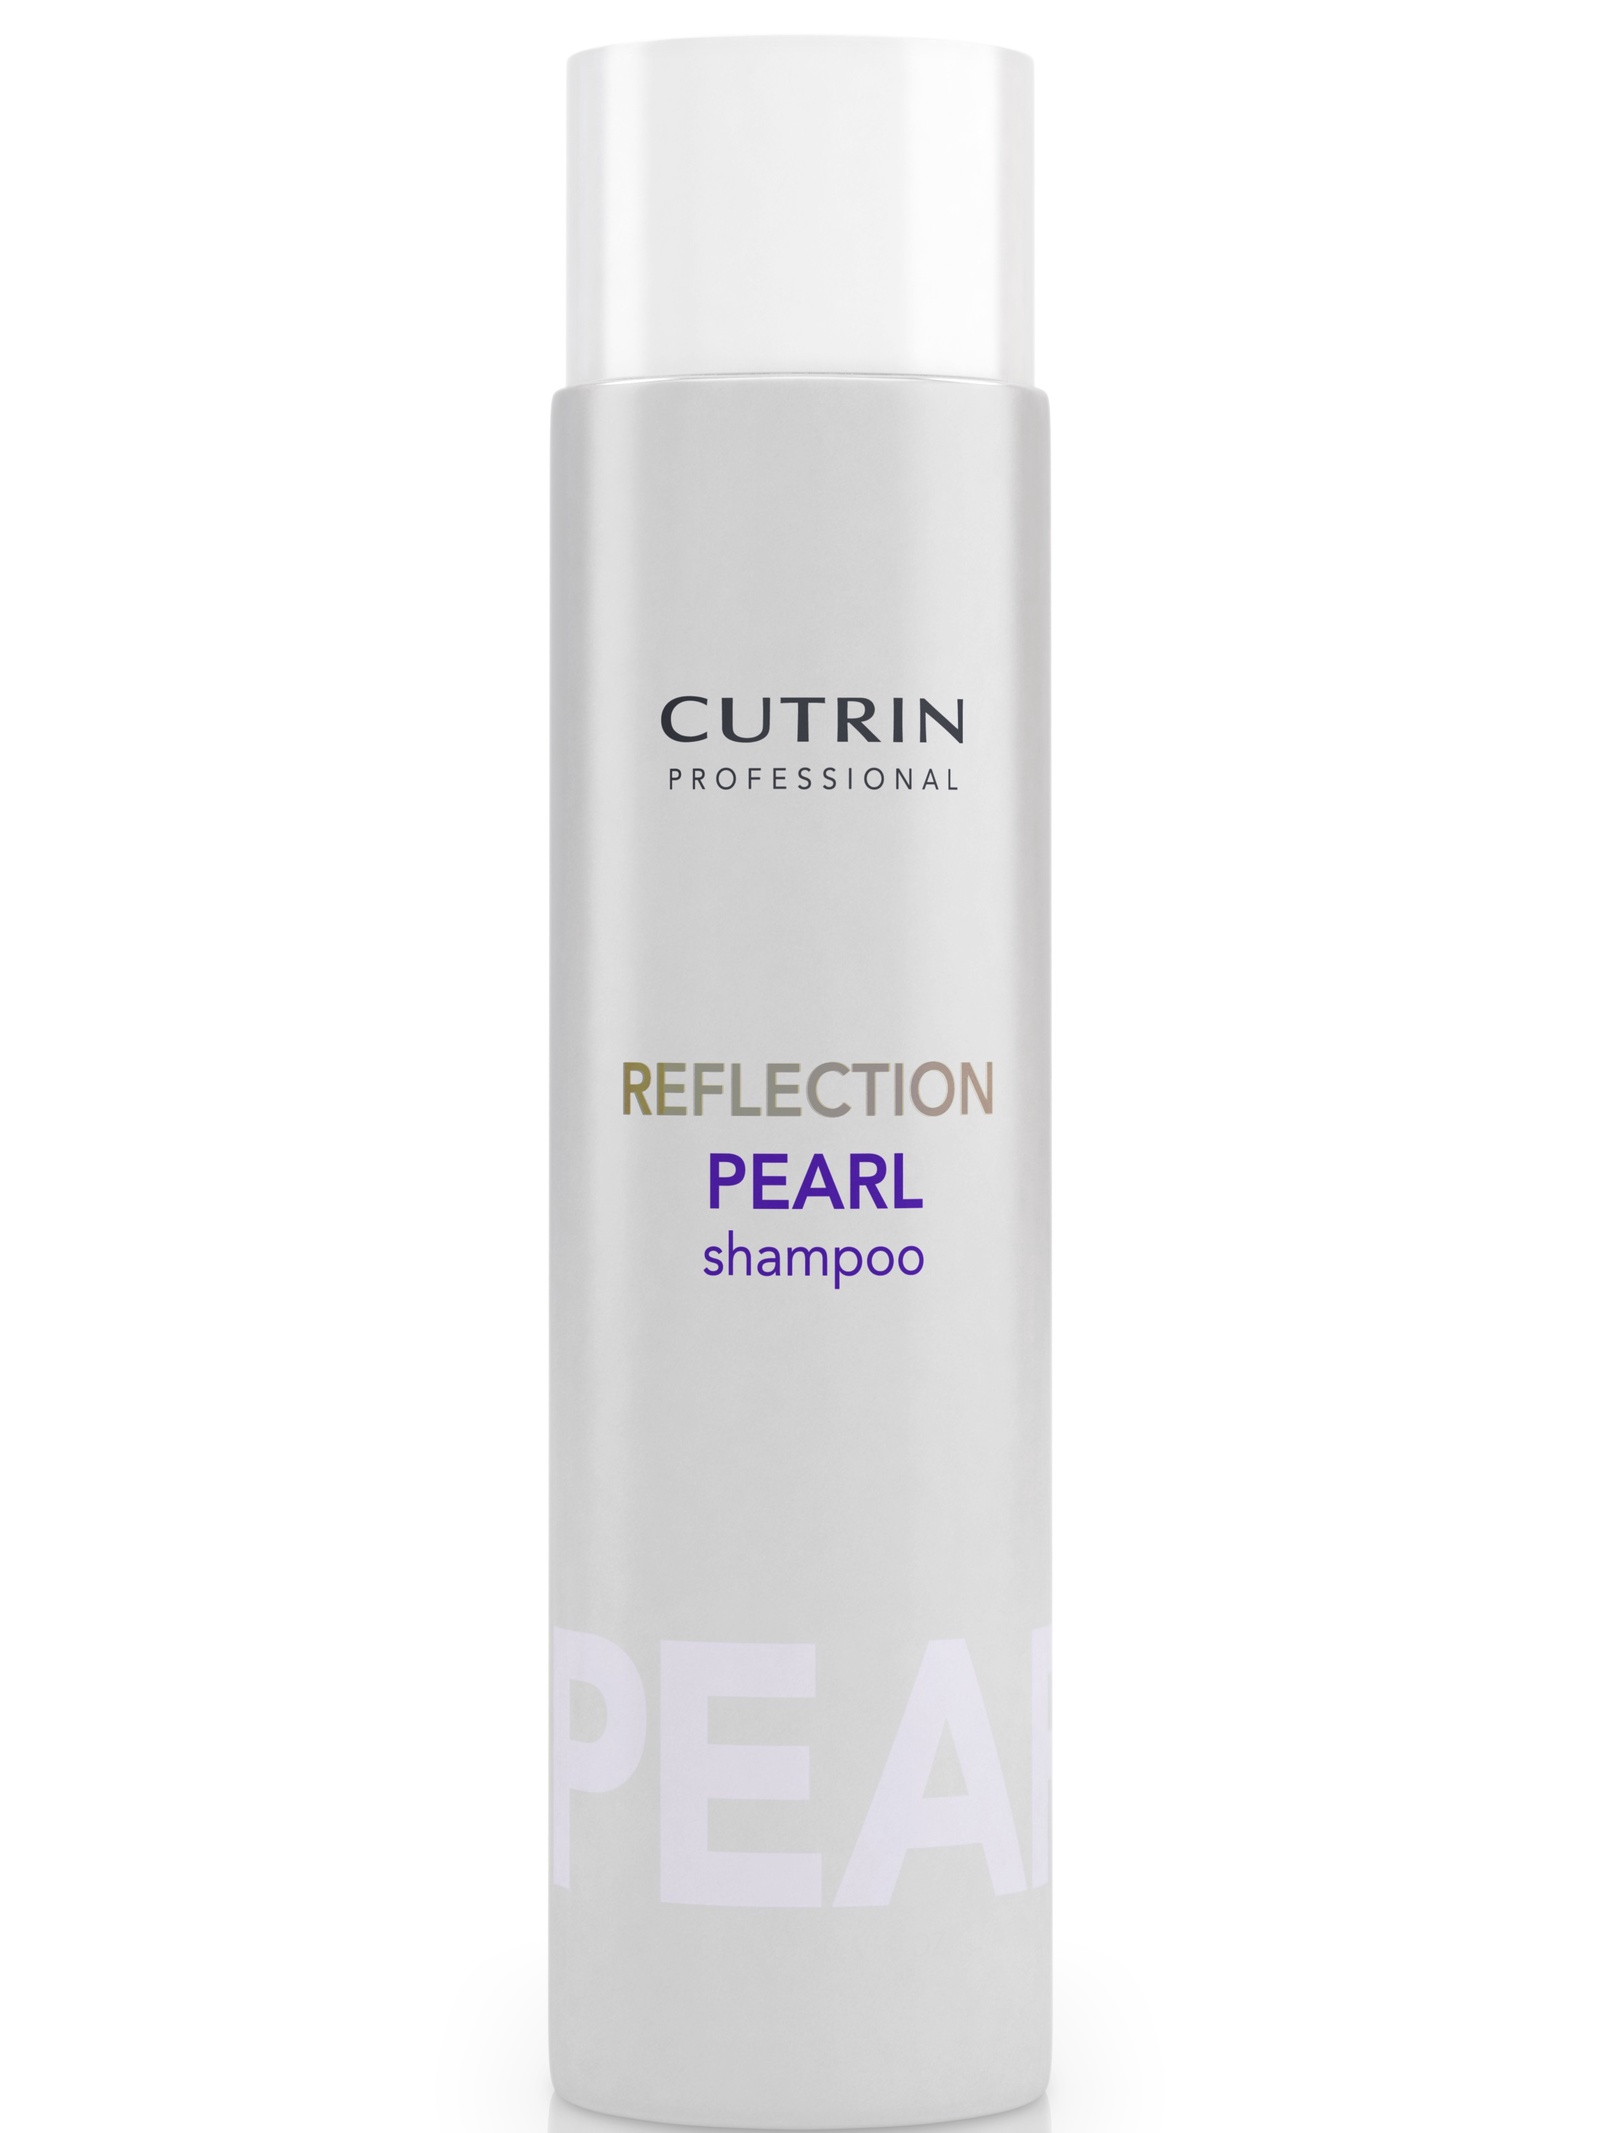 Шампунь для волос CUTRIN REFLECTION PEARL для поддержания цвета Перламутровый блеск 300 мл cutrin шампунь для волос и тела 300 мл